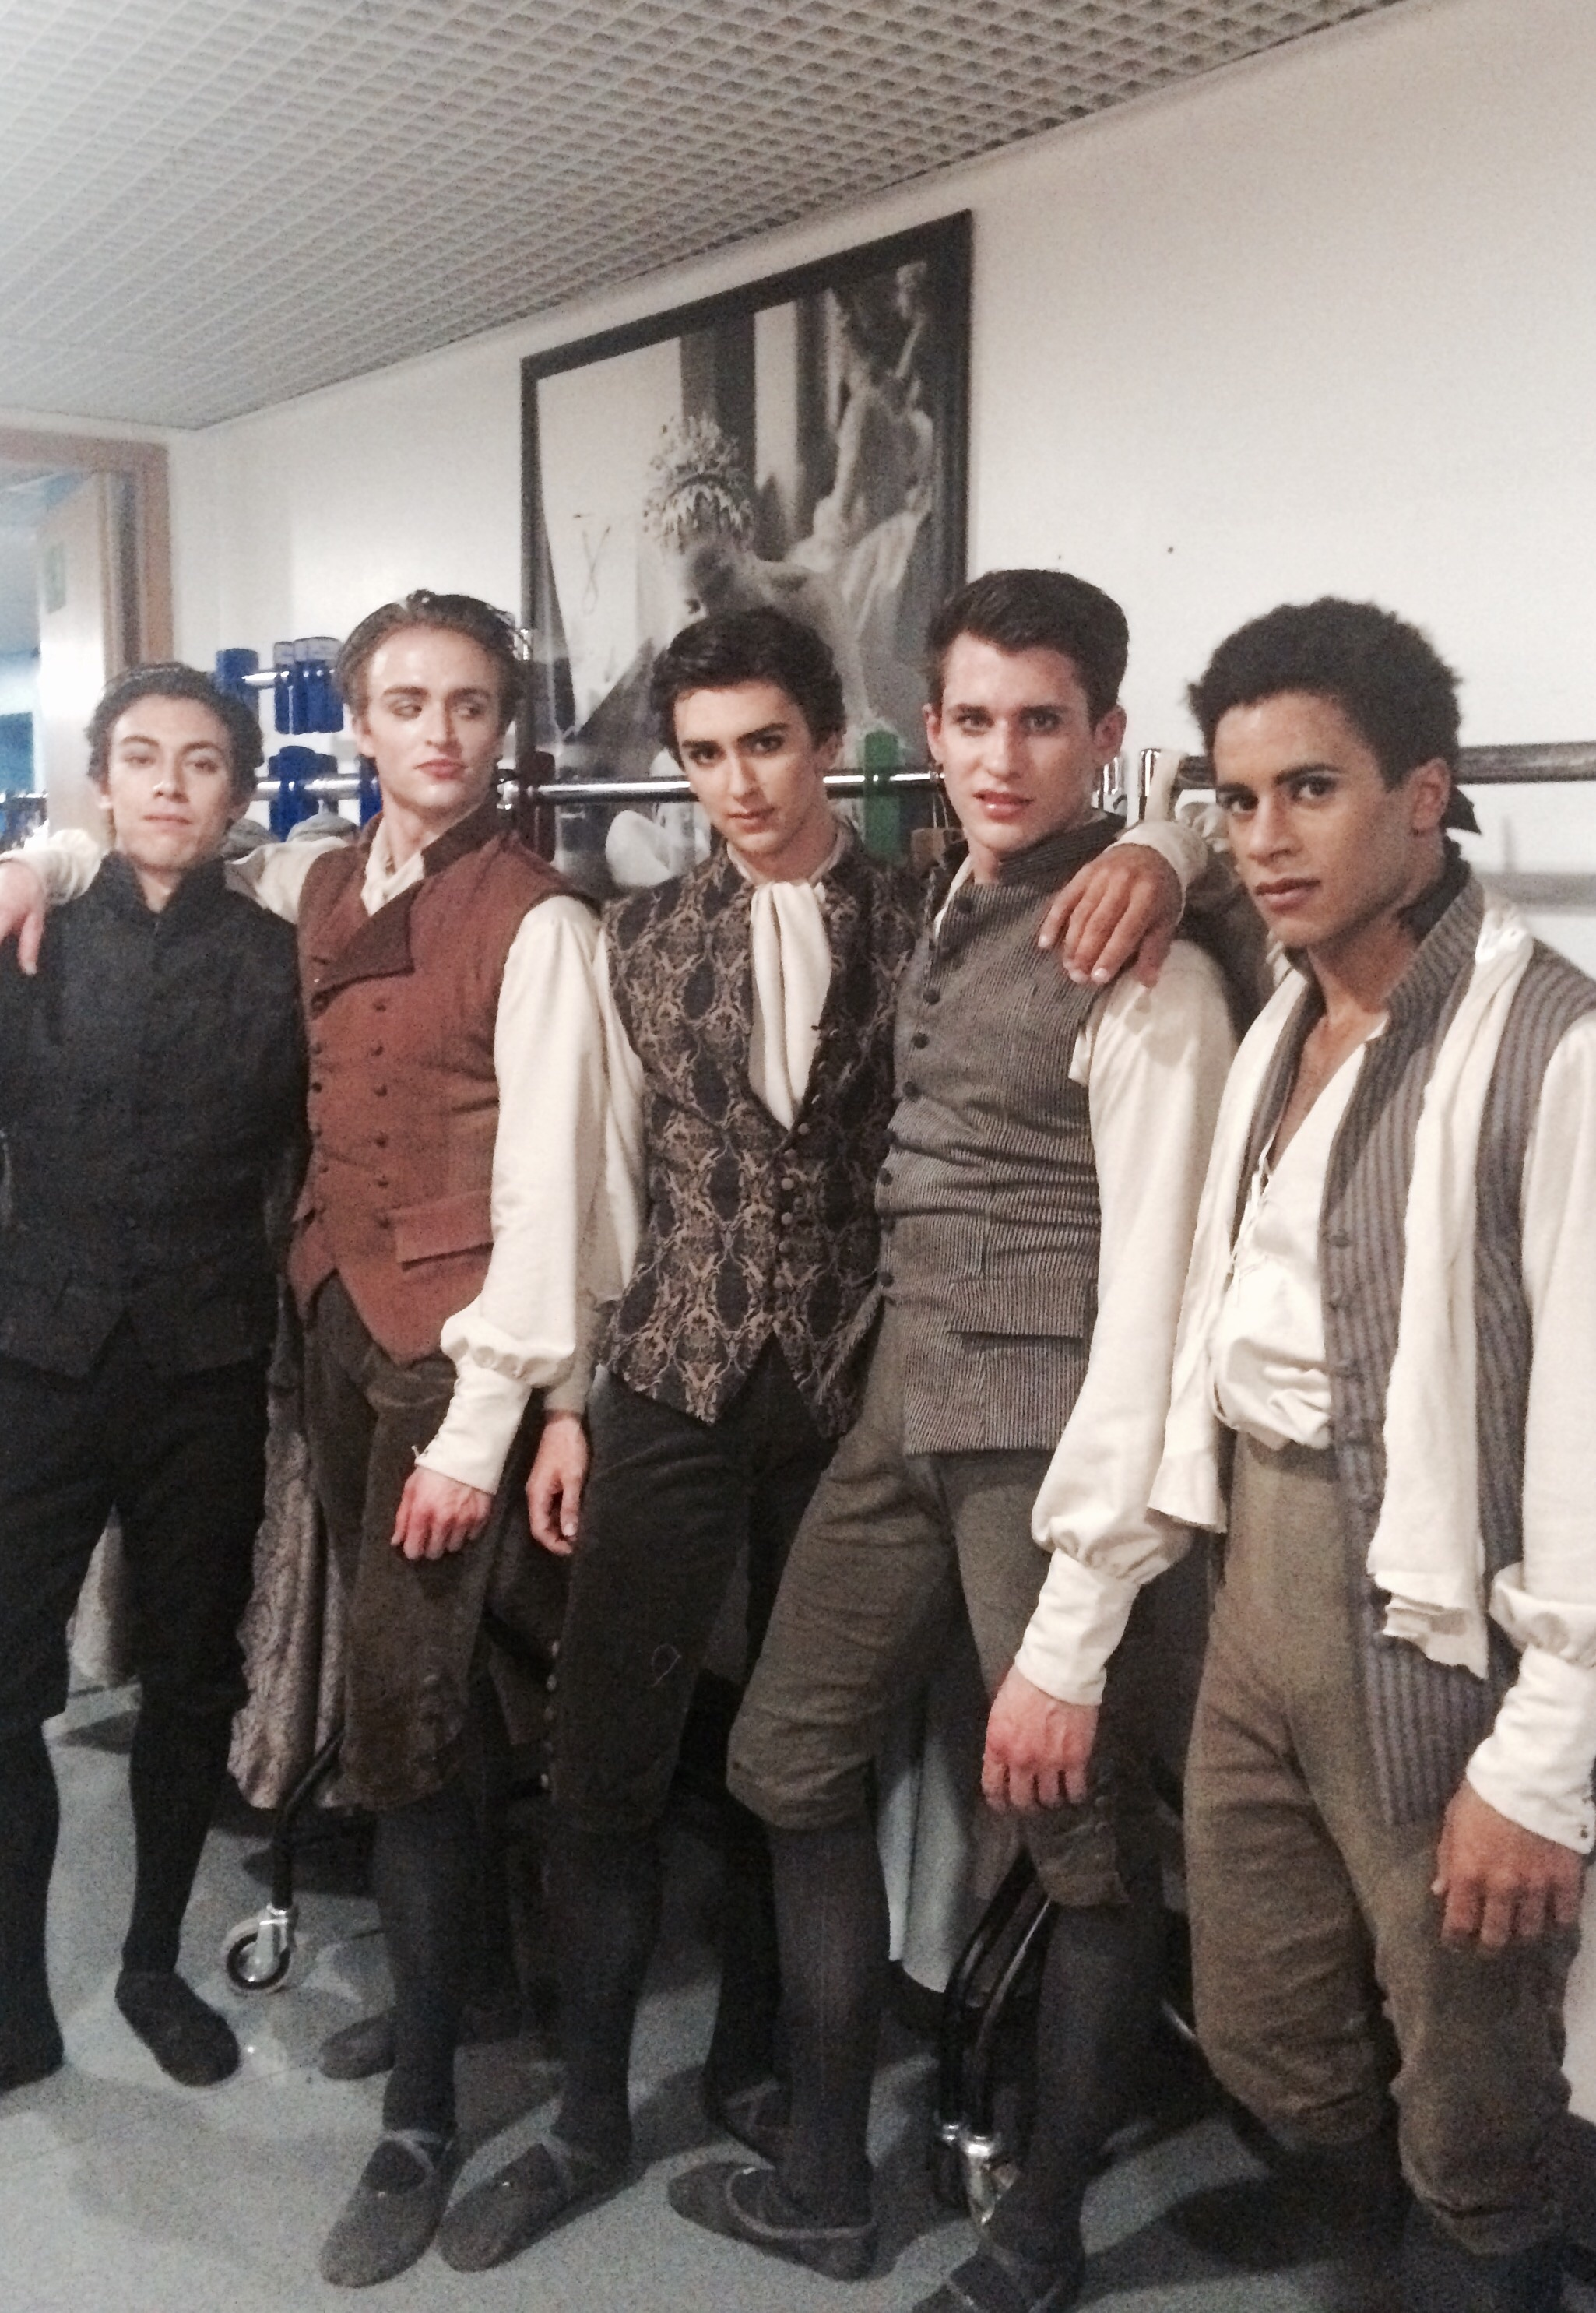 Luca, Matt, Teo, Nicol, Marcy